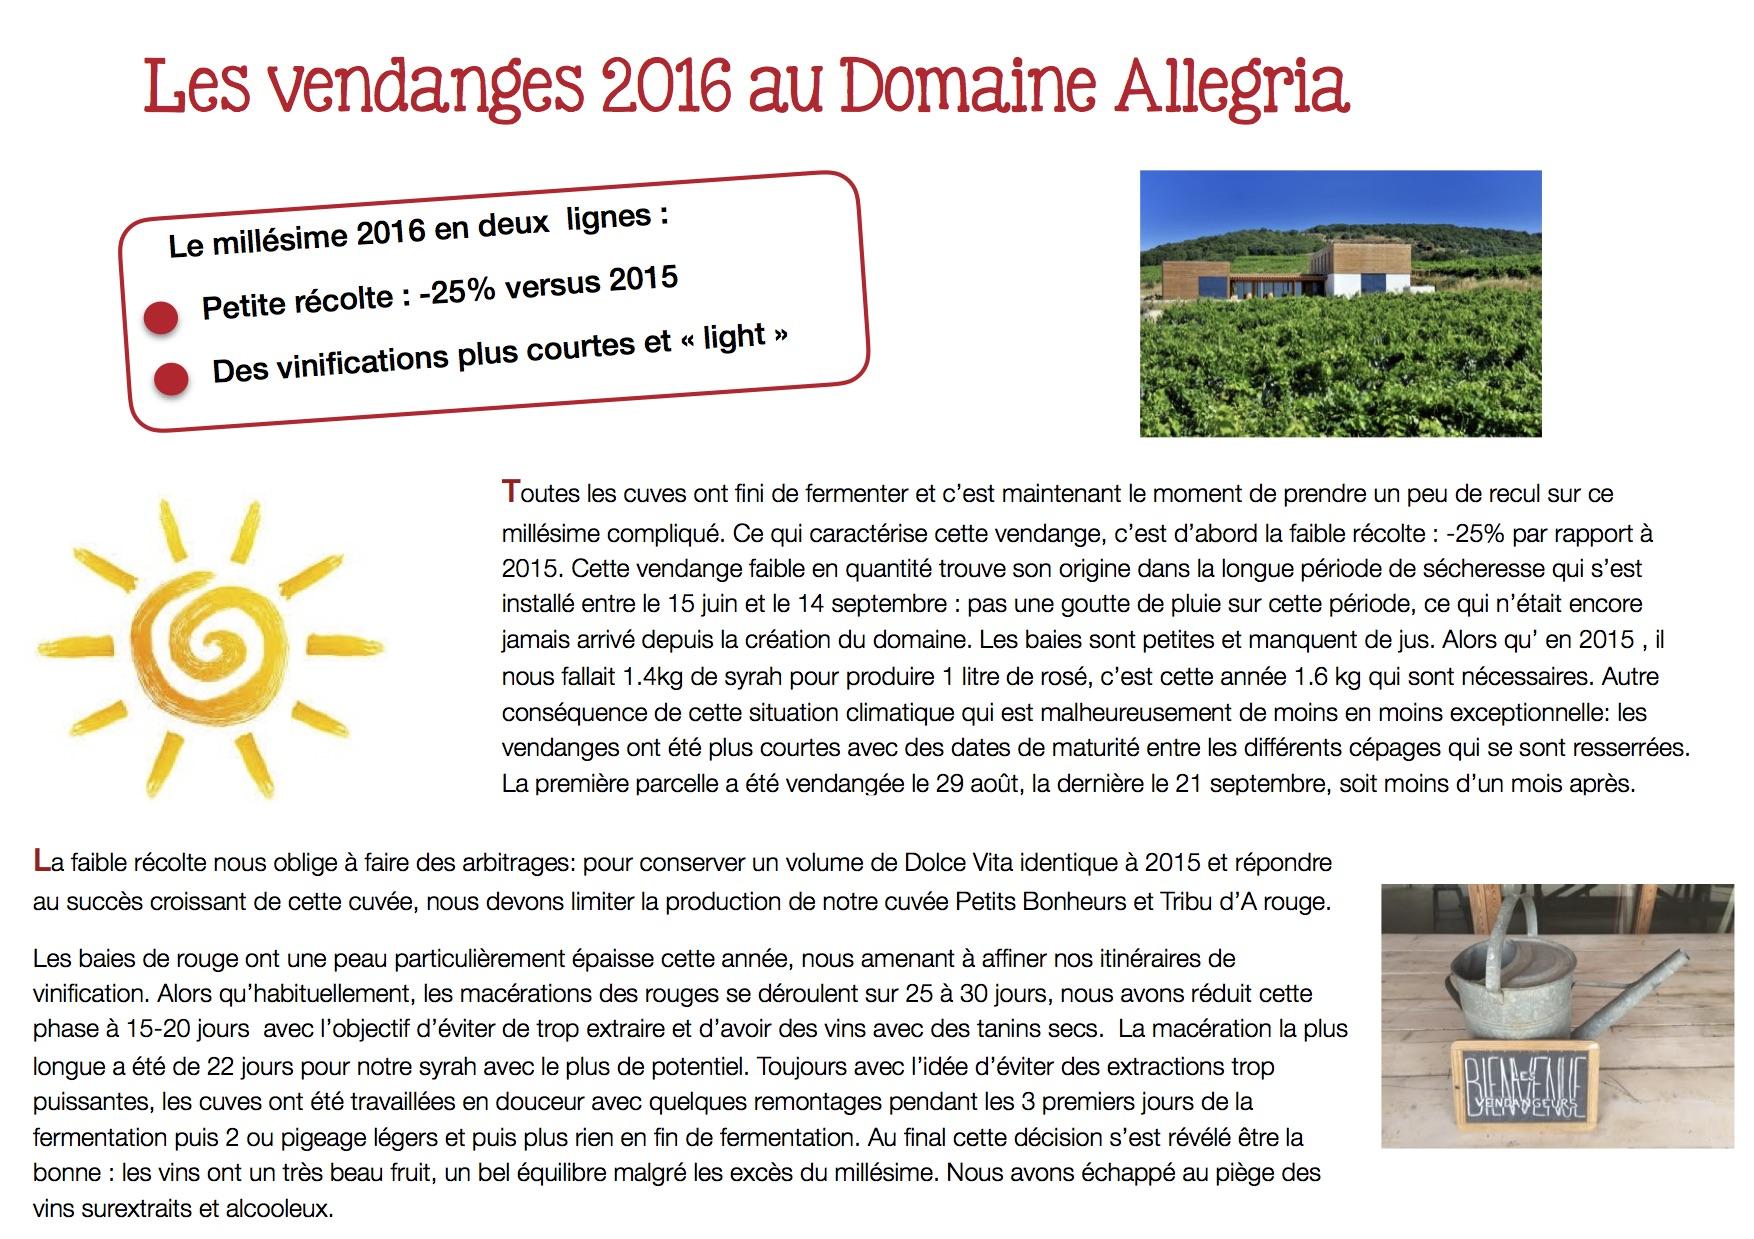 Résumé des vendanges 2016 au Domaine Allegria